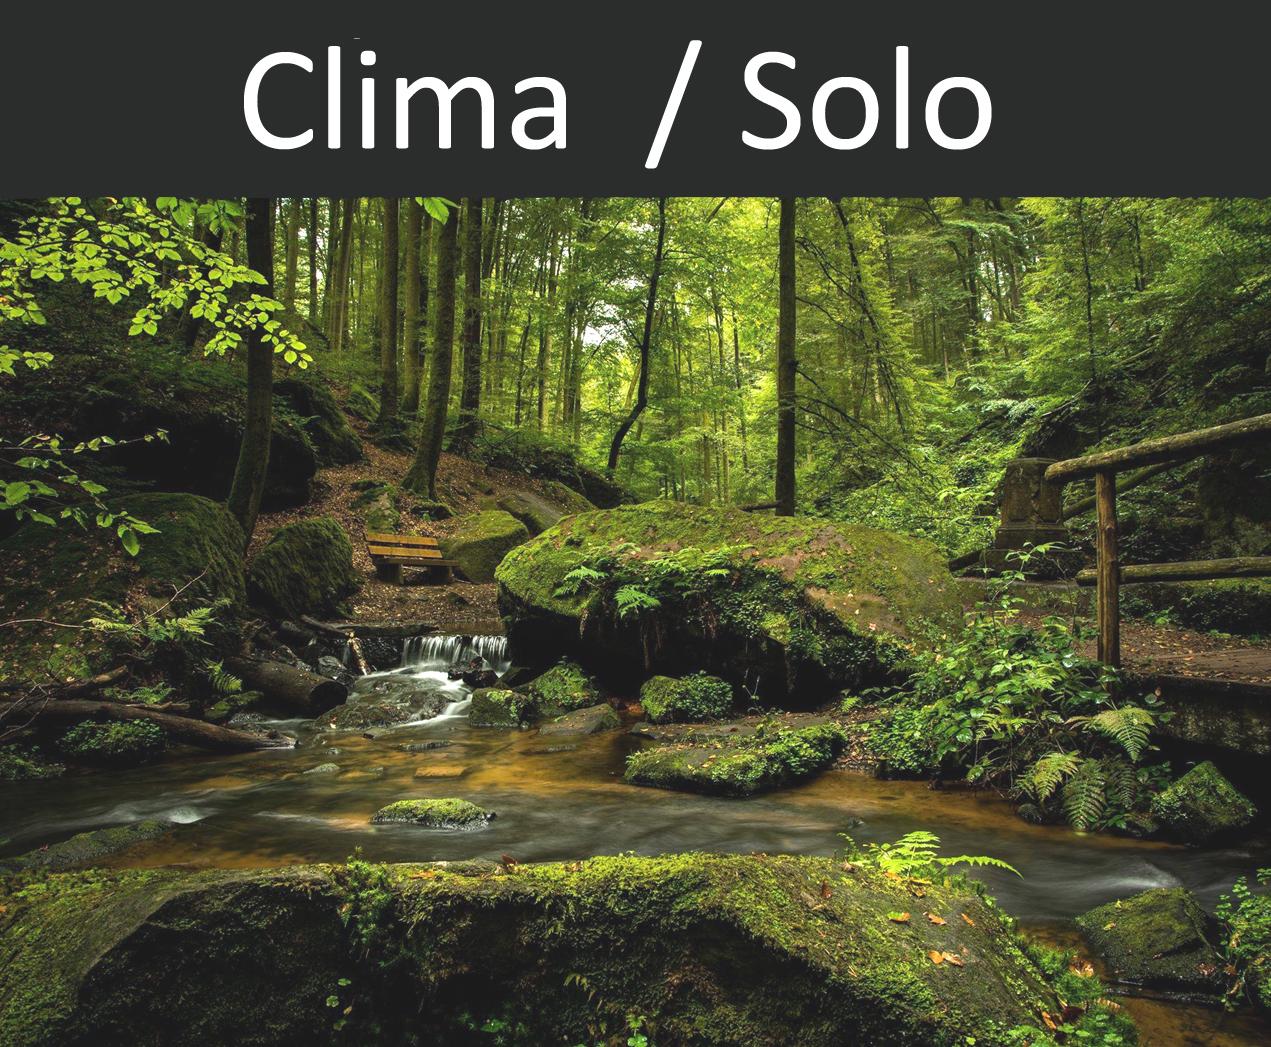 Clima Solo